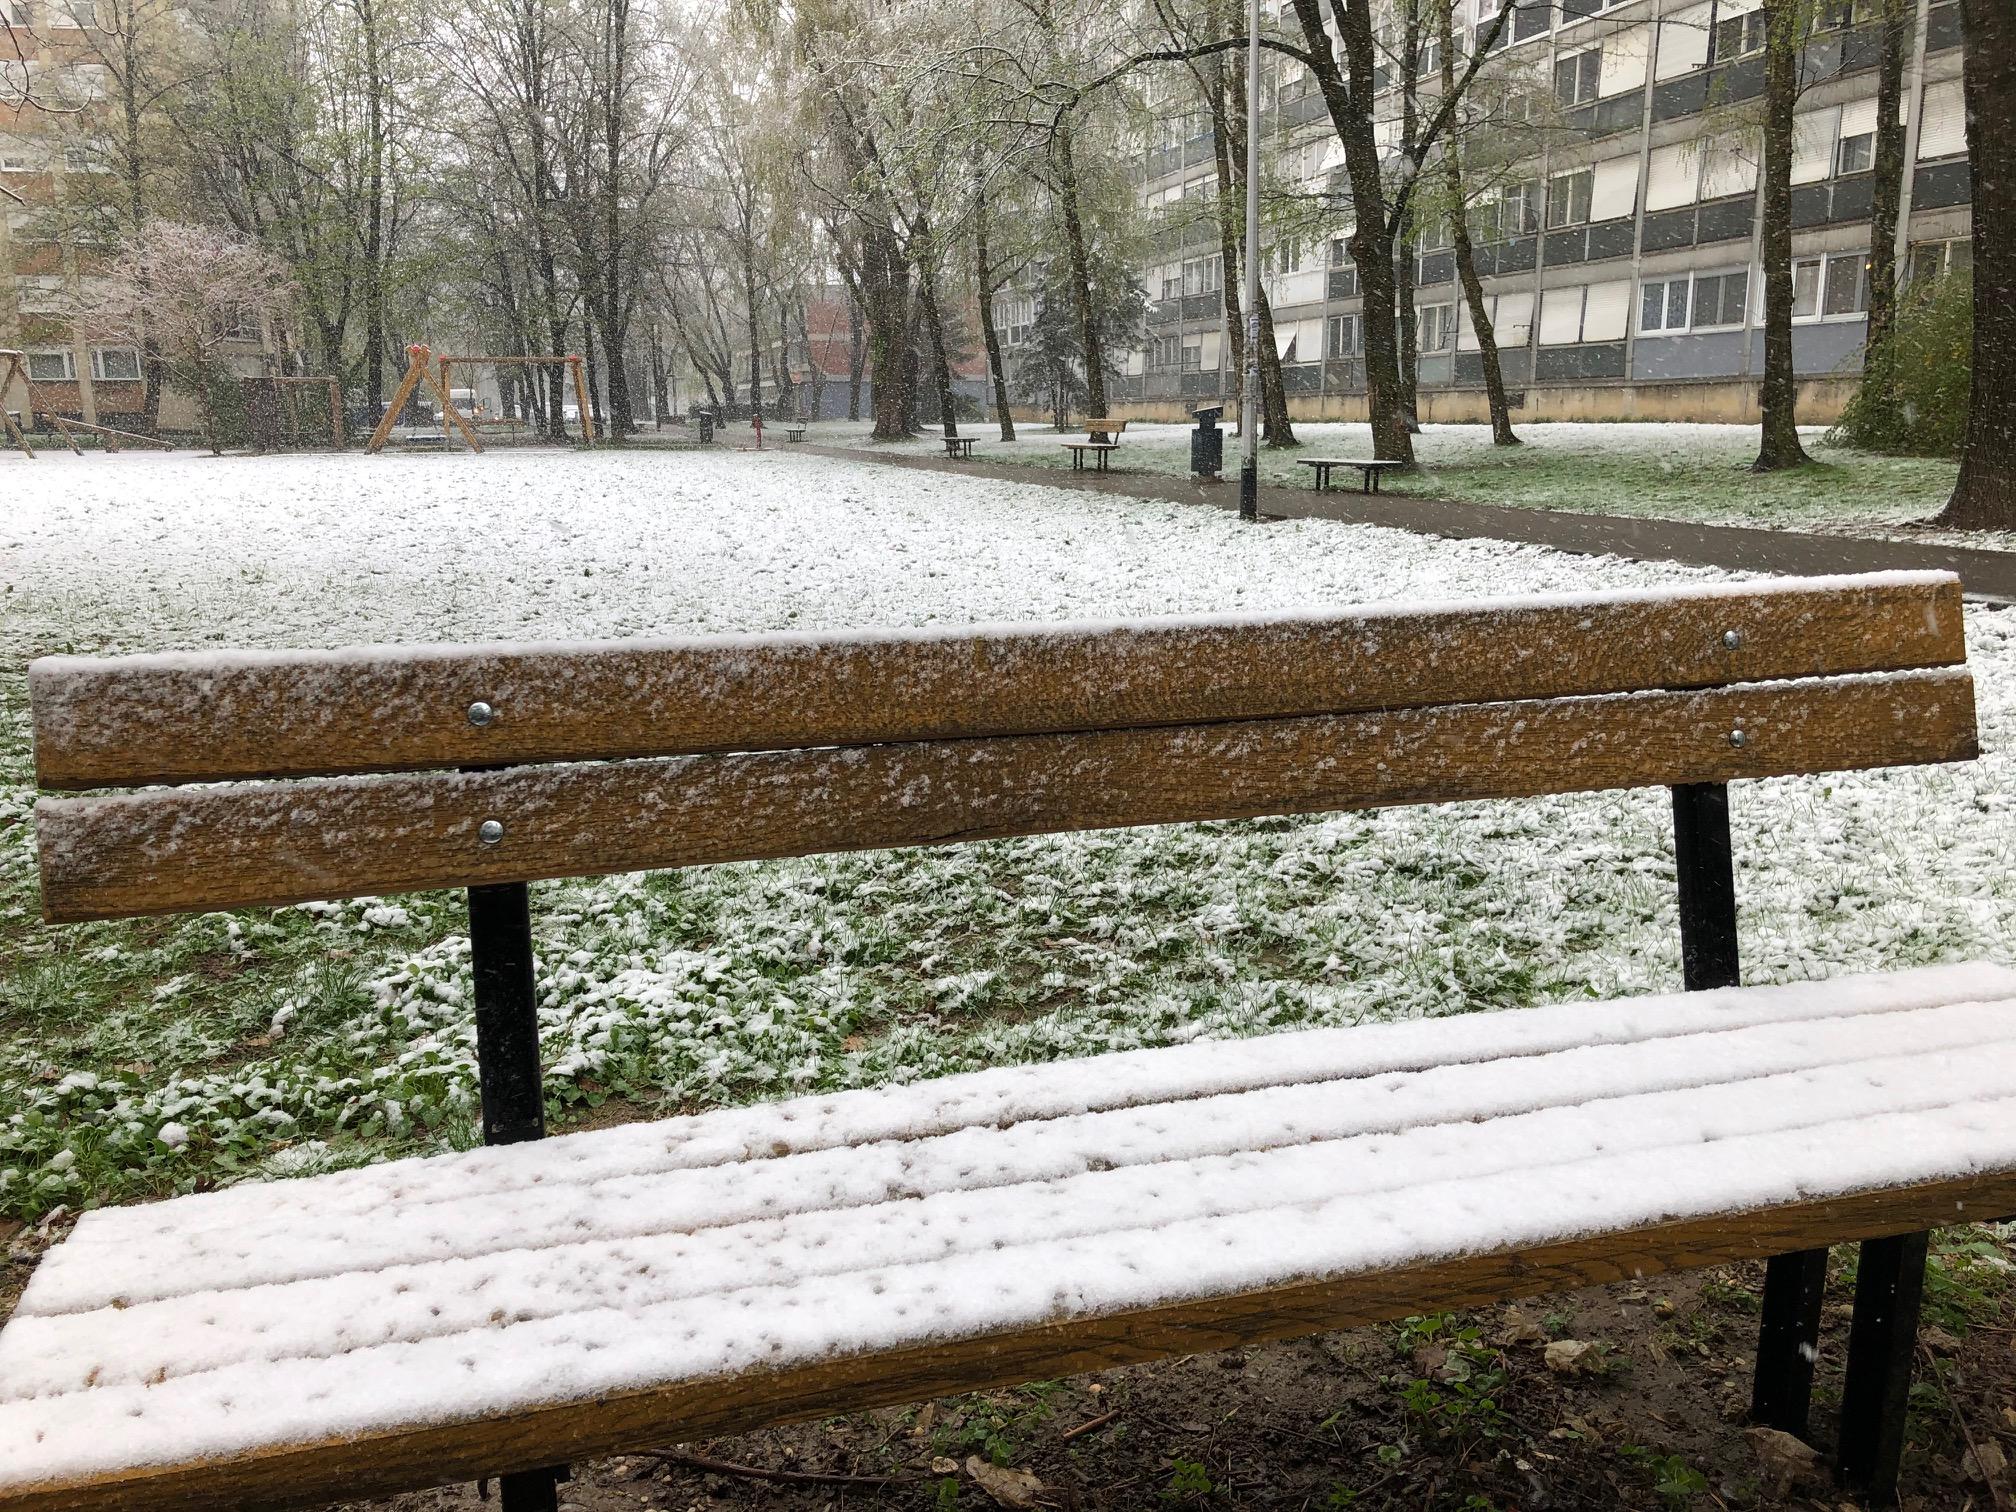 zagreb wakes to snow